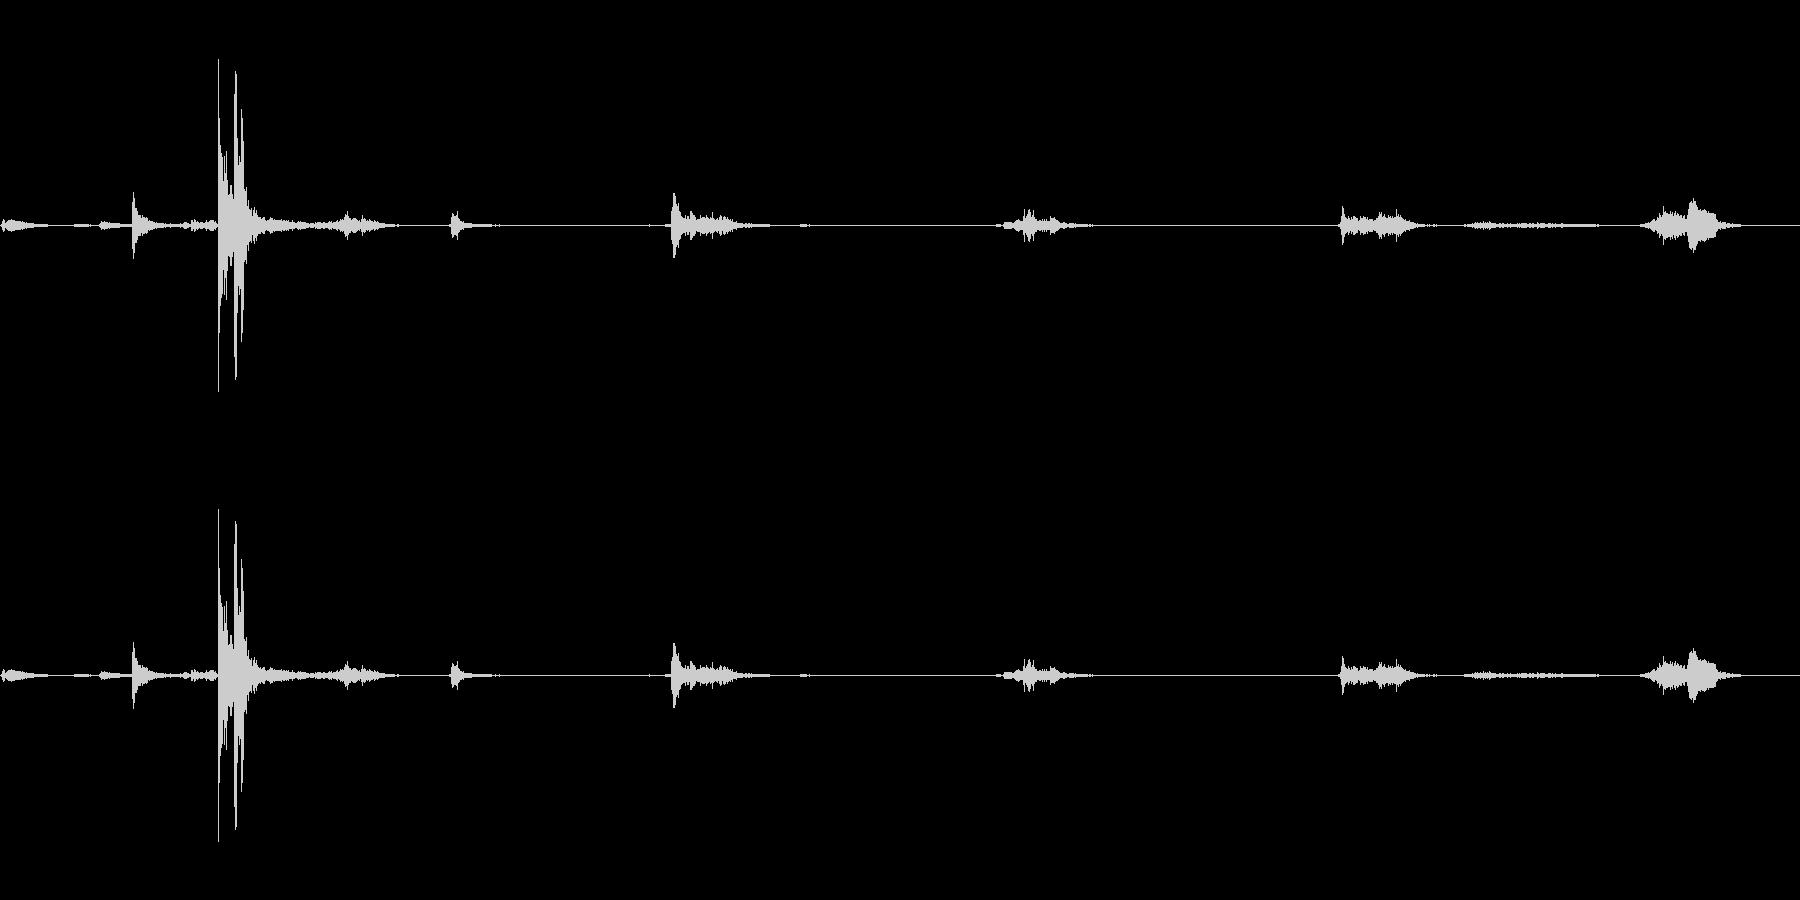 キュッキュッ(水筒の蓋を閉める音)1の未再生の波形